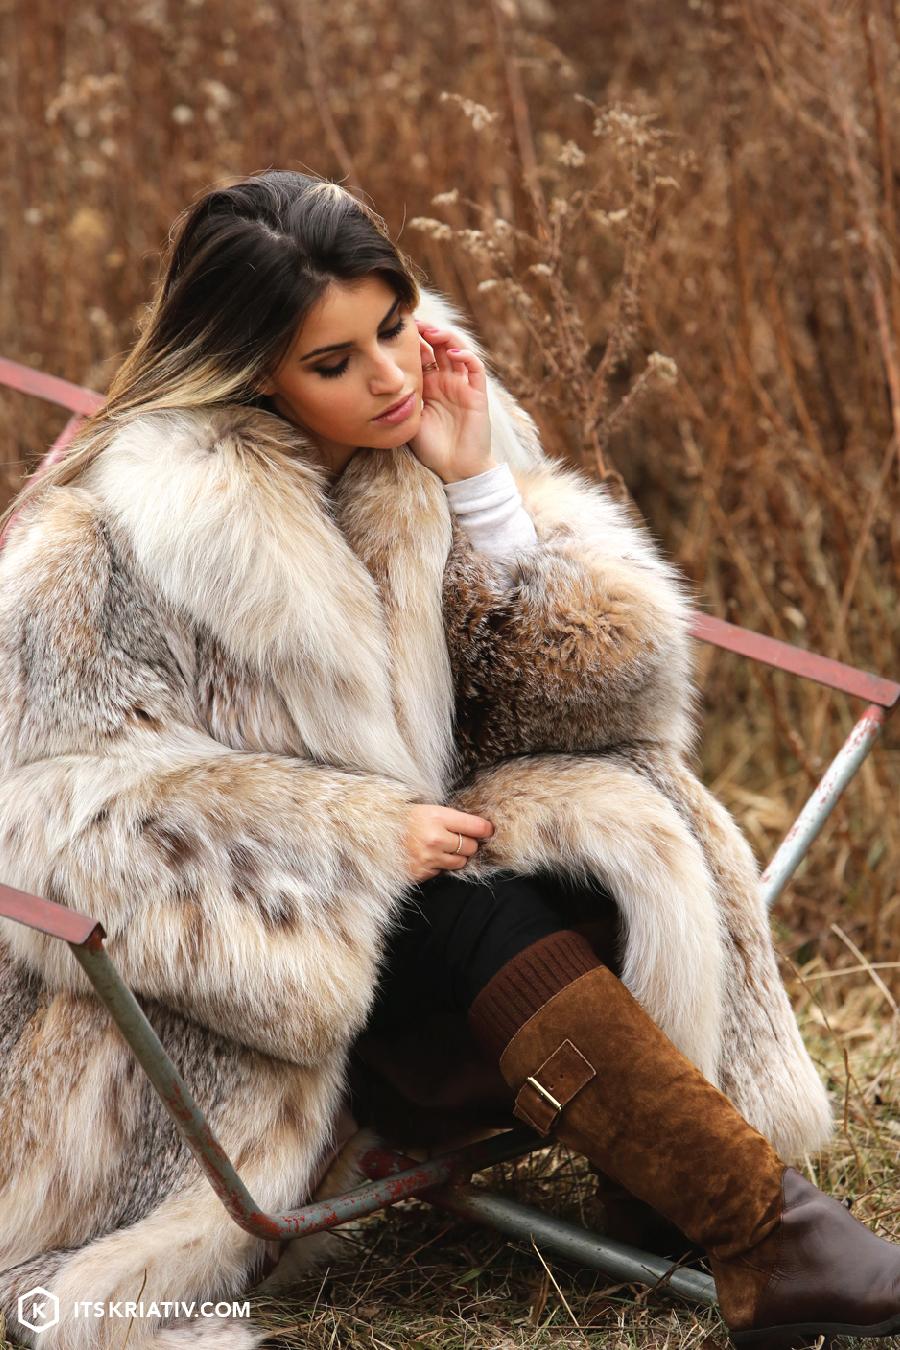 Fashion-Christmas-Tree-Farm-Fur-Boots-Winter_02.jpg